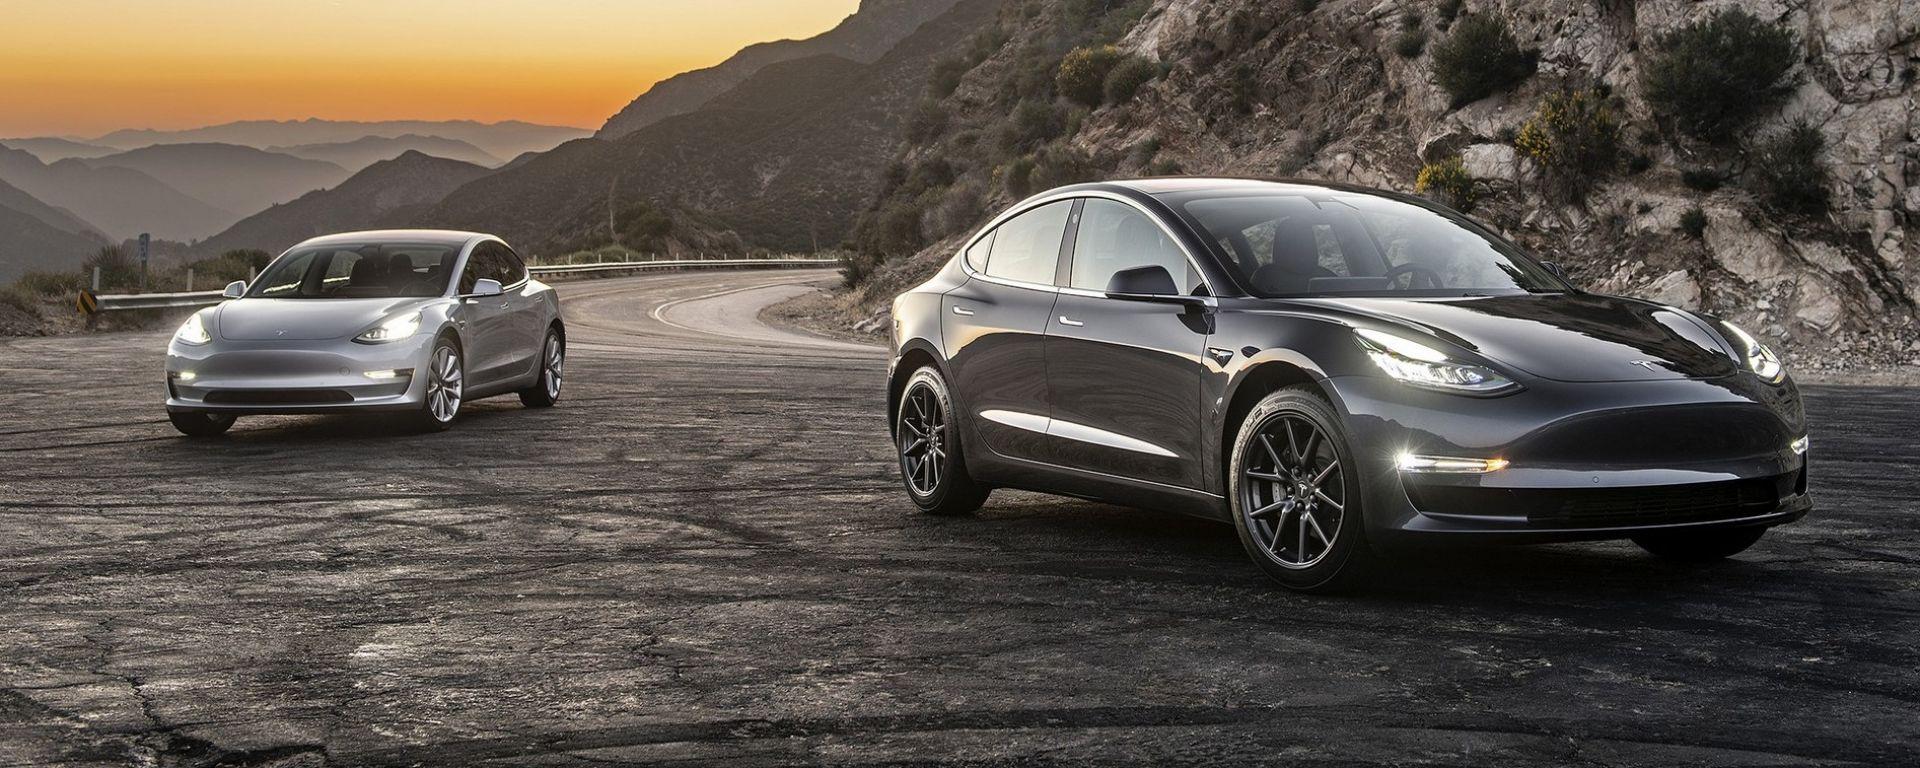 Tesla Model 3, produzione sempre a rilento